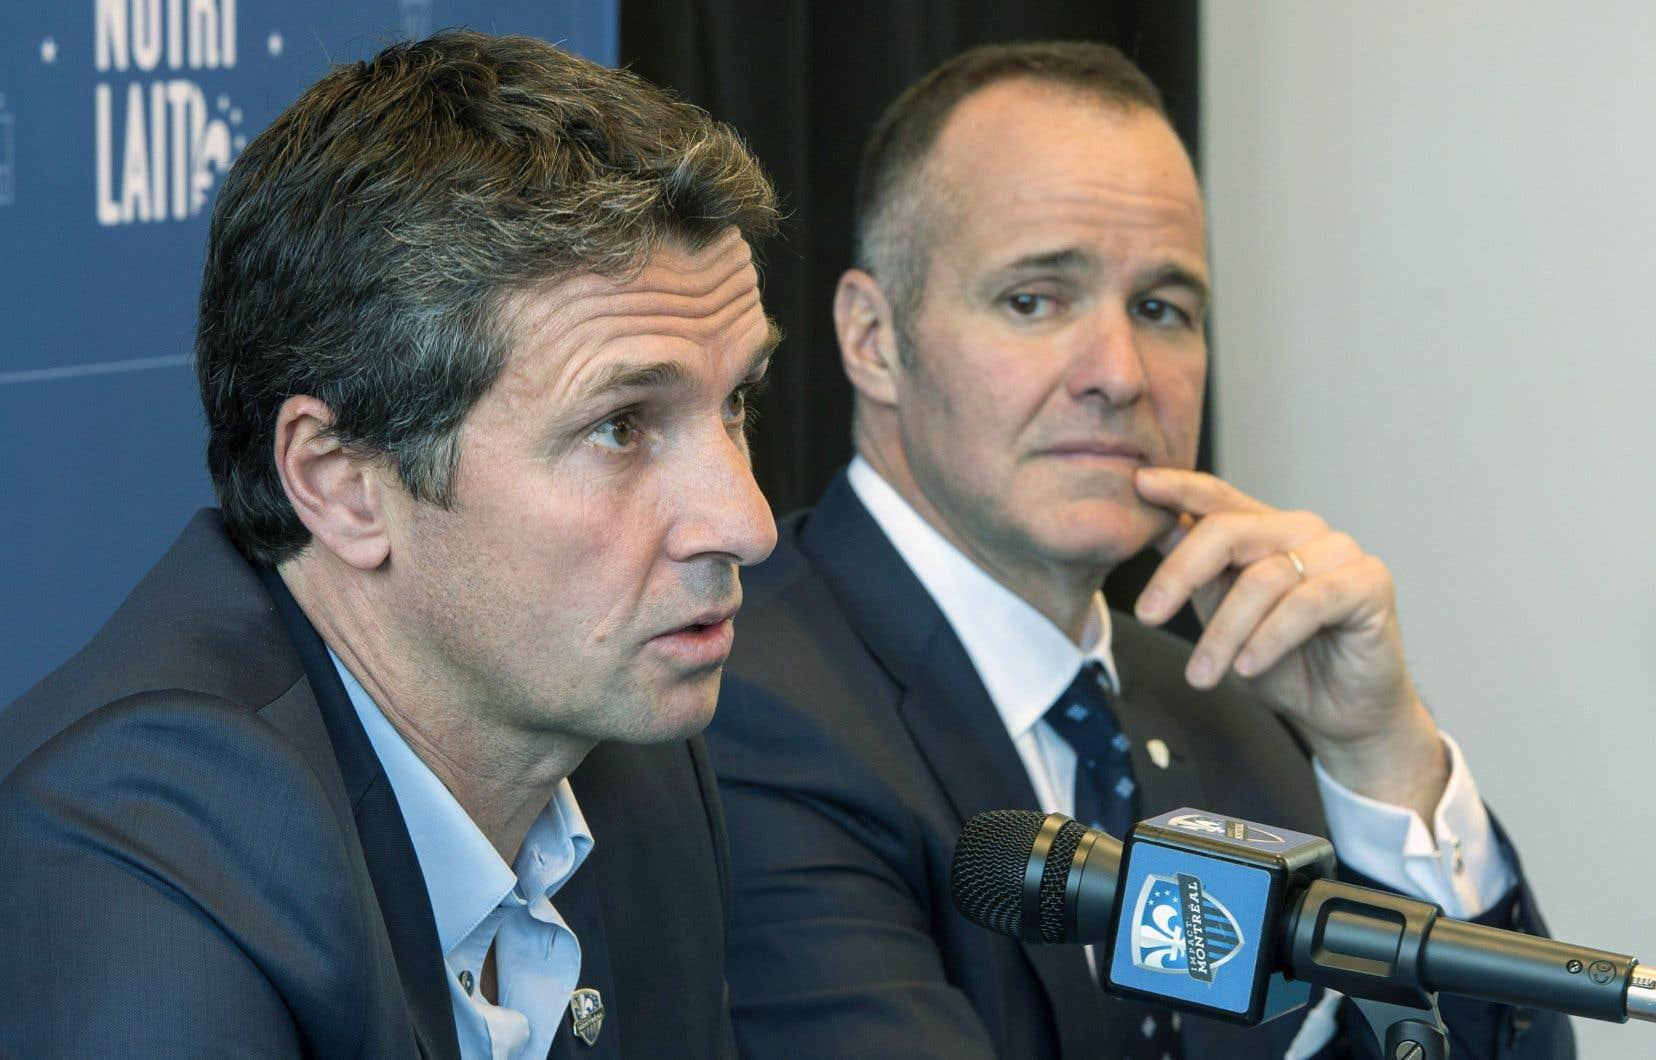 Le président de l'Impact, Joey Saputo (à droite), a annoncé l'embauche du Français Rémi Garde au poste d'entraîneur désigné.